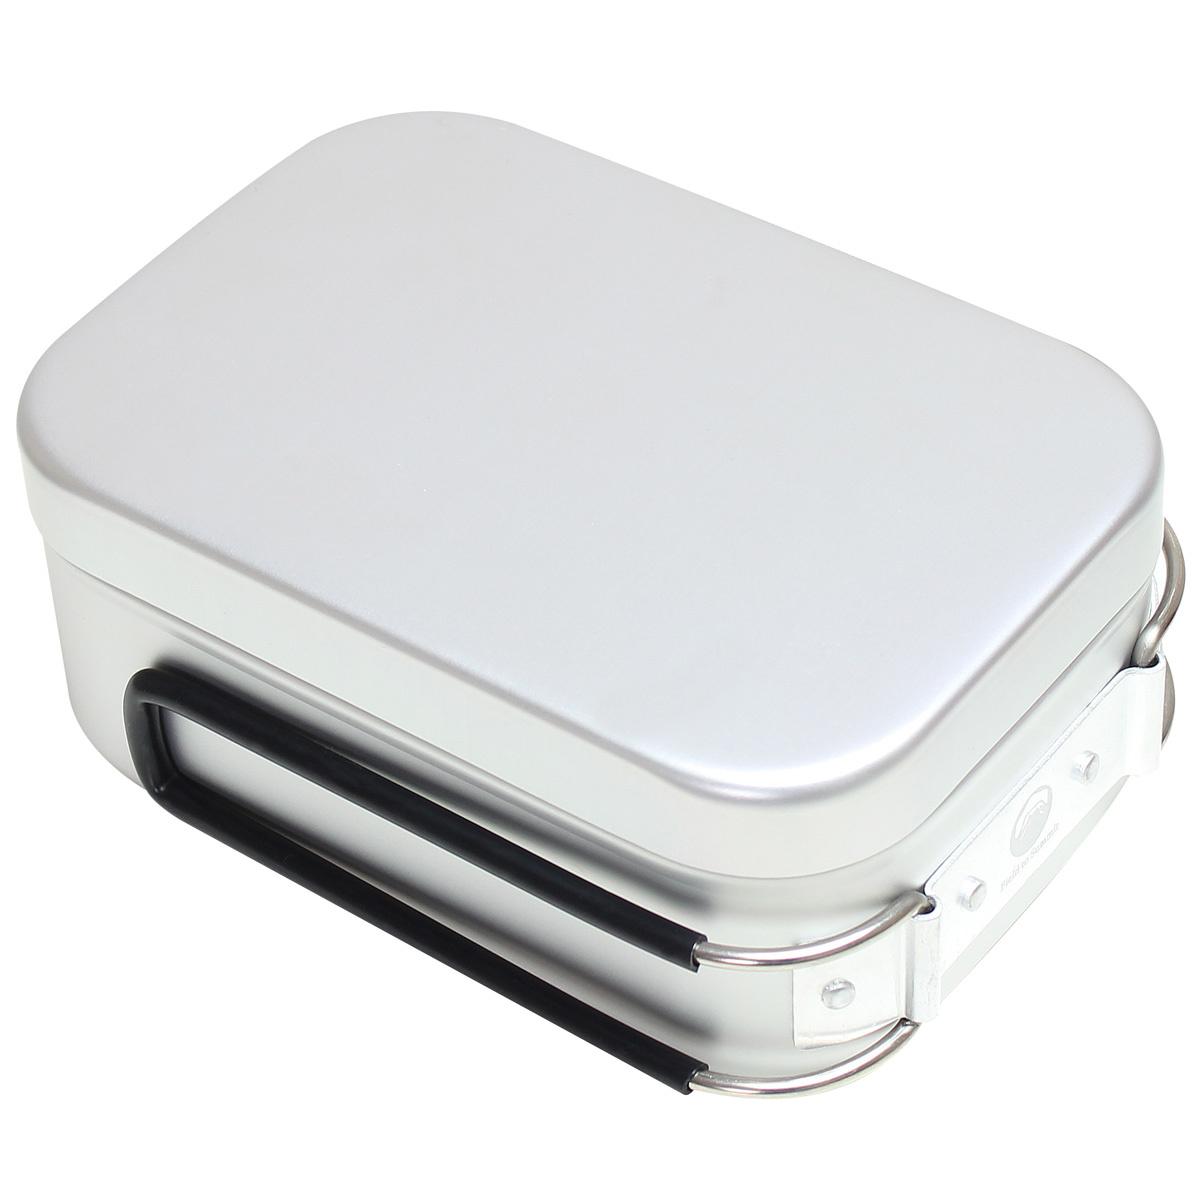 ライスクッカー 2 OF-CARC2 飯盒